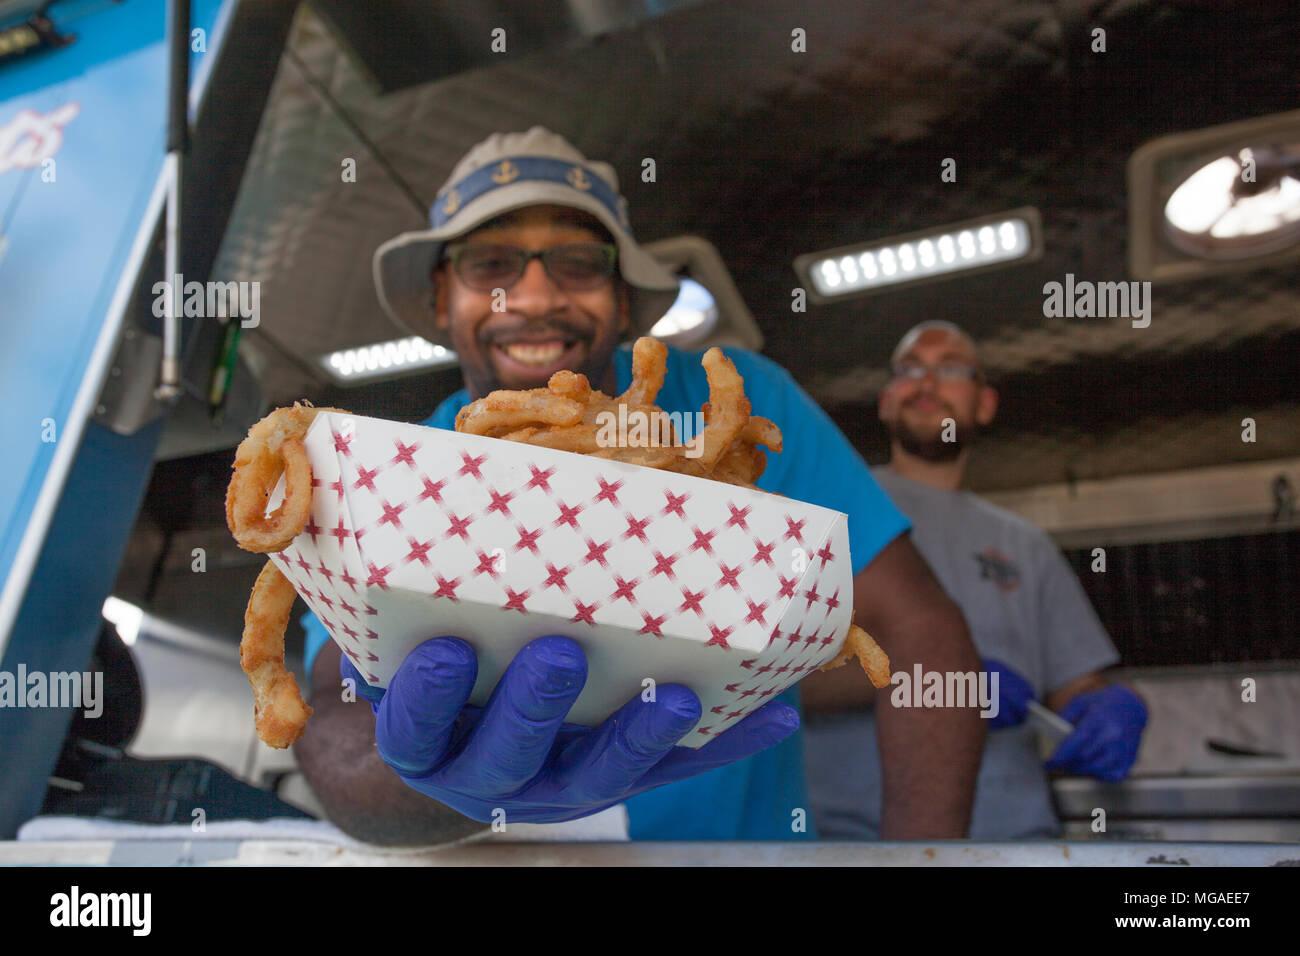 Afro-américain propriétaire de petite entreprise dans son camion alimentaire avec un panier plein d'oignon frit Photo Stock